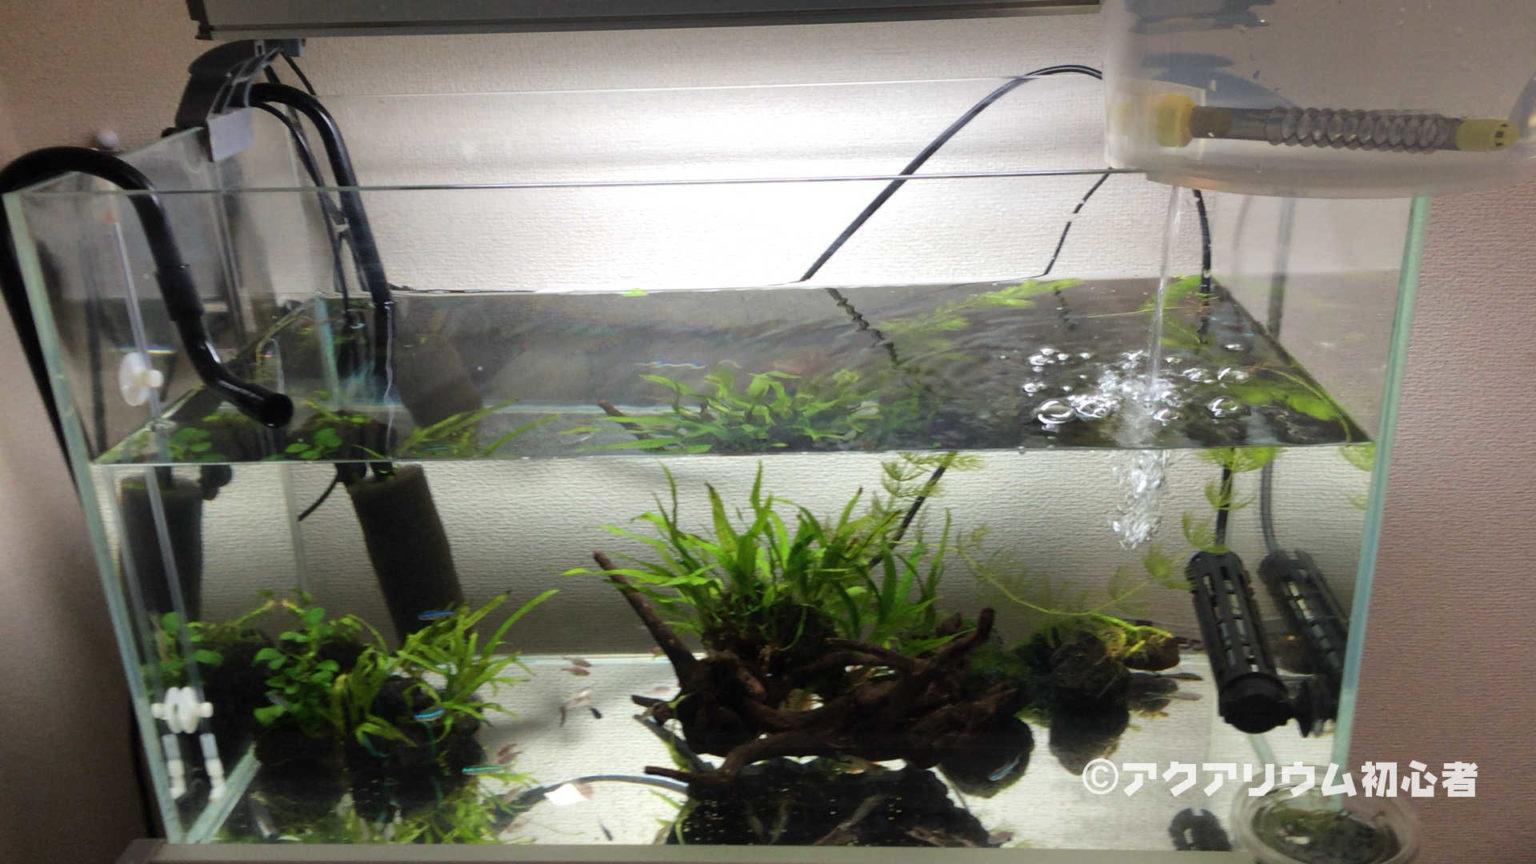 ガラス水槽60cm規格